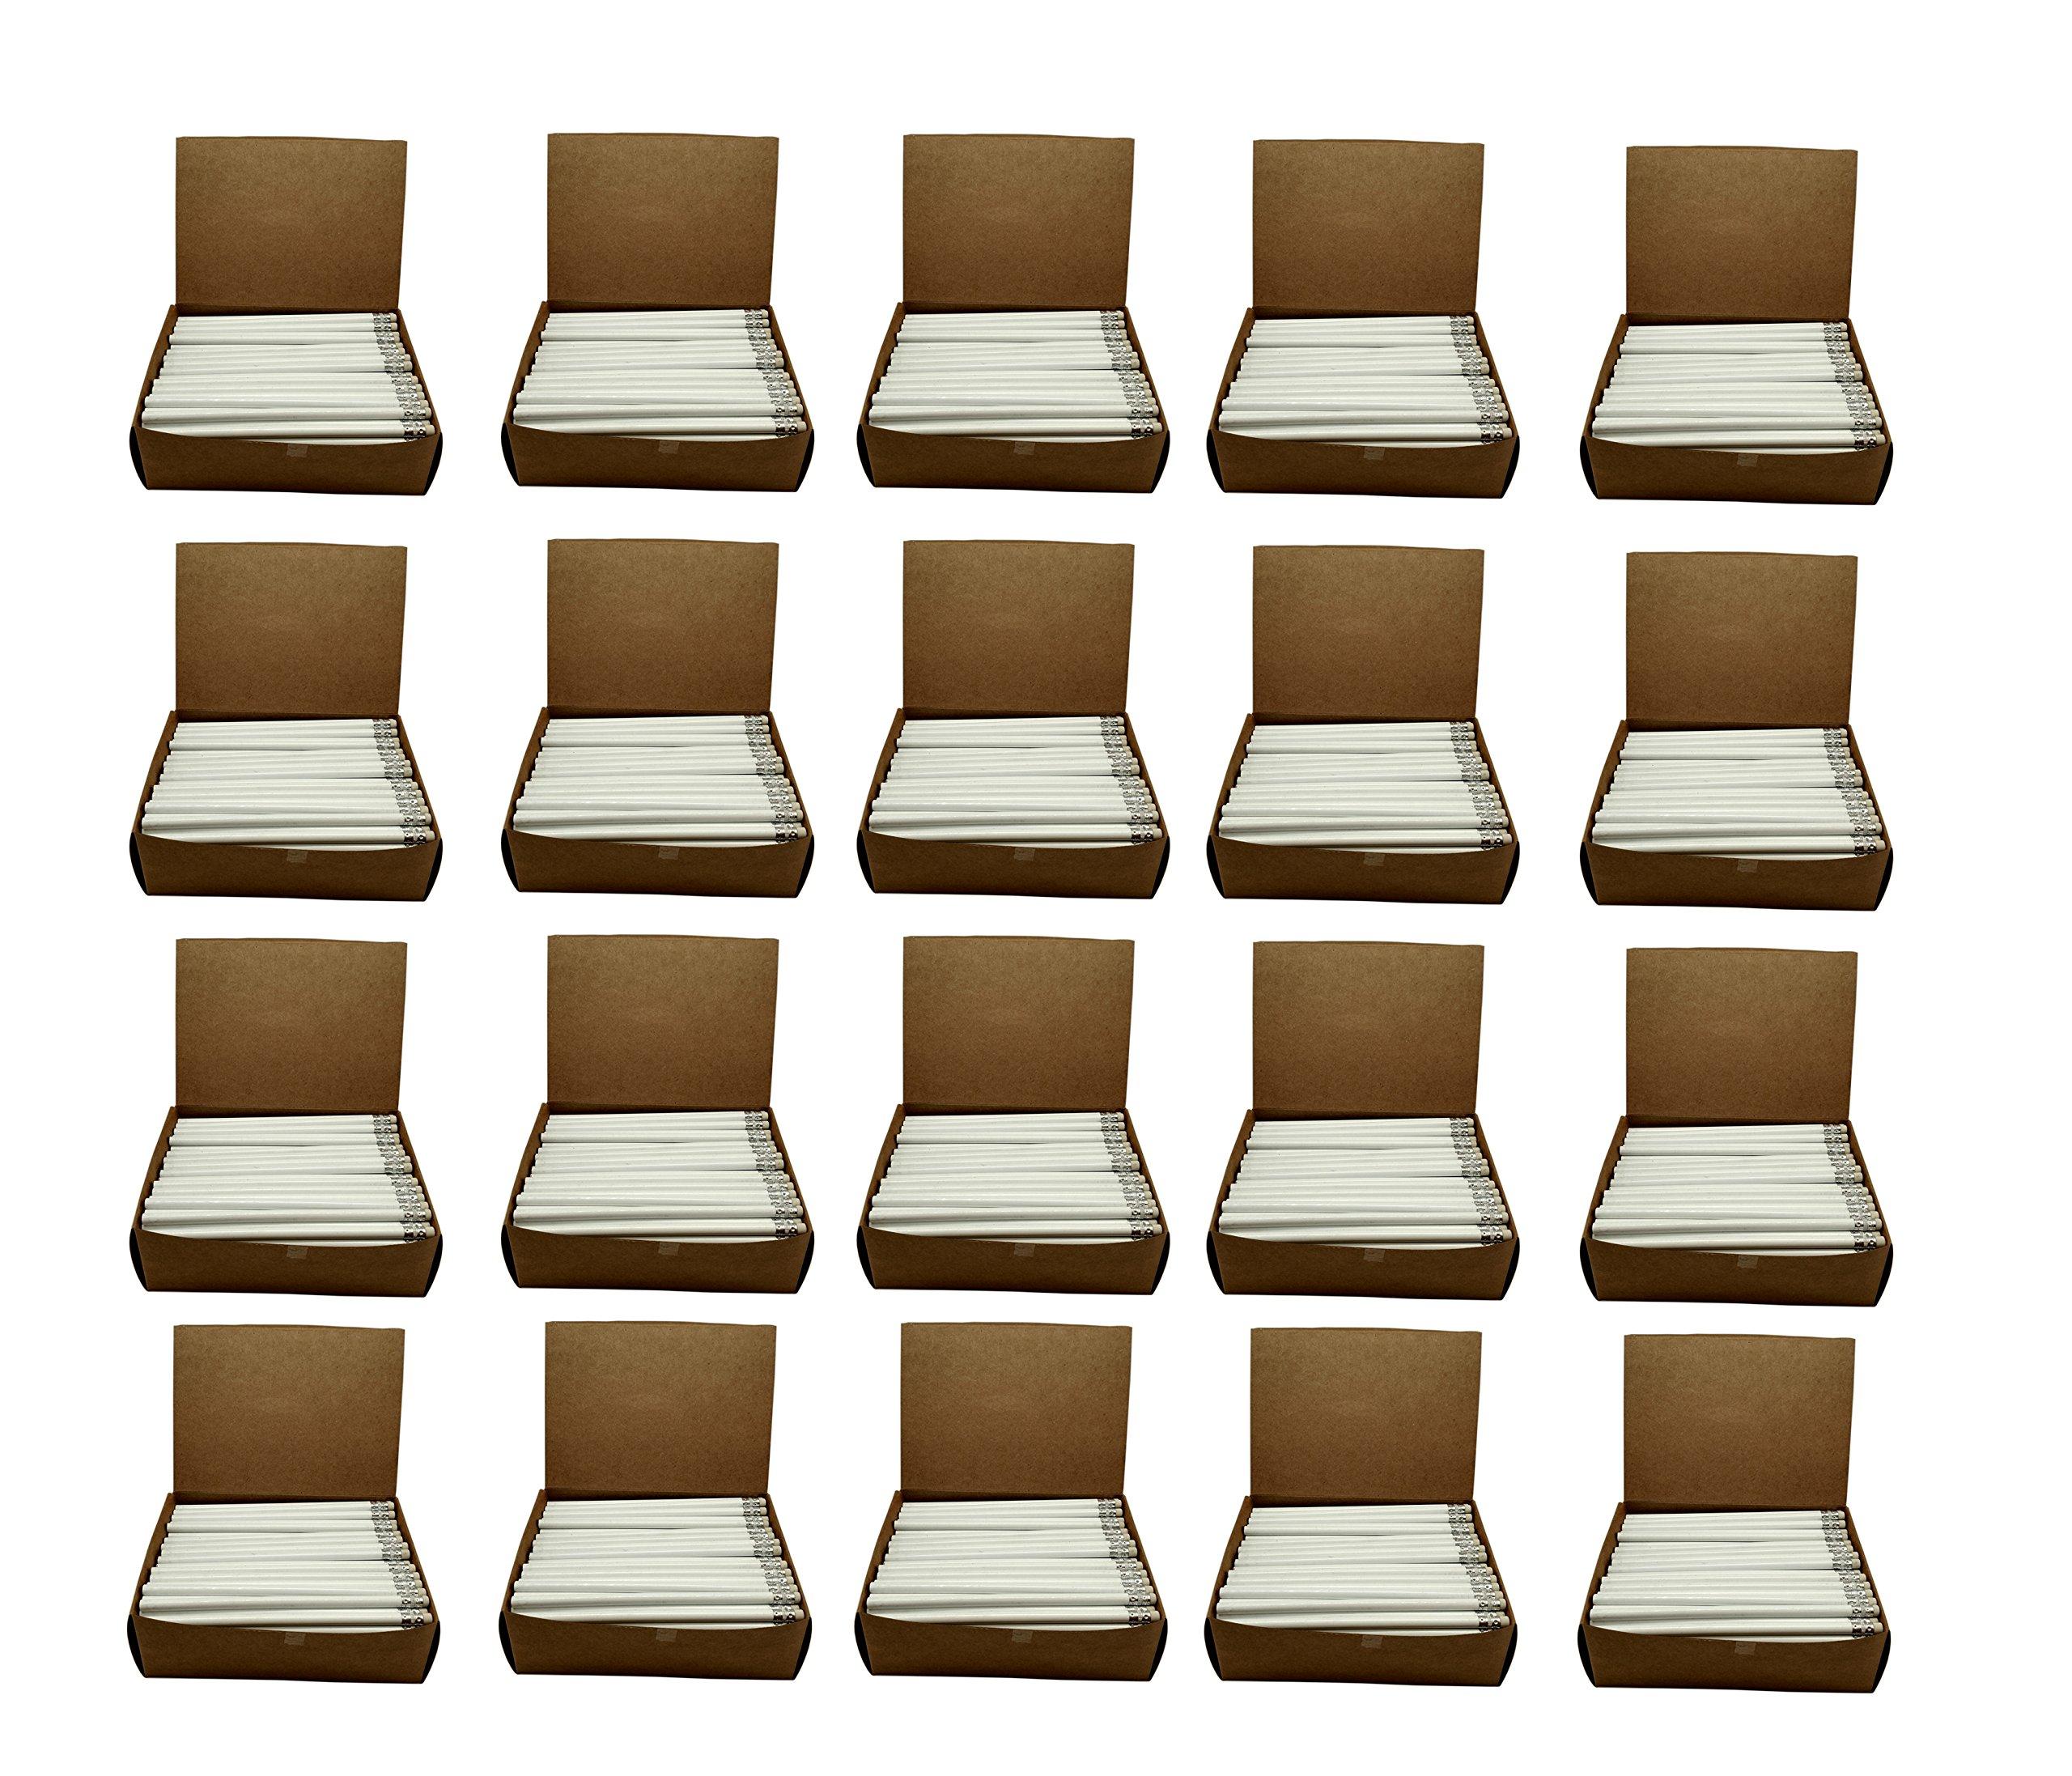 Impex Value Pencils - Round Wood #2 HB Pencils - 20 Gross 2880 pieces (Classroom Set - Wholesale Bulk Lot - Factory Direct)